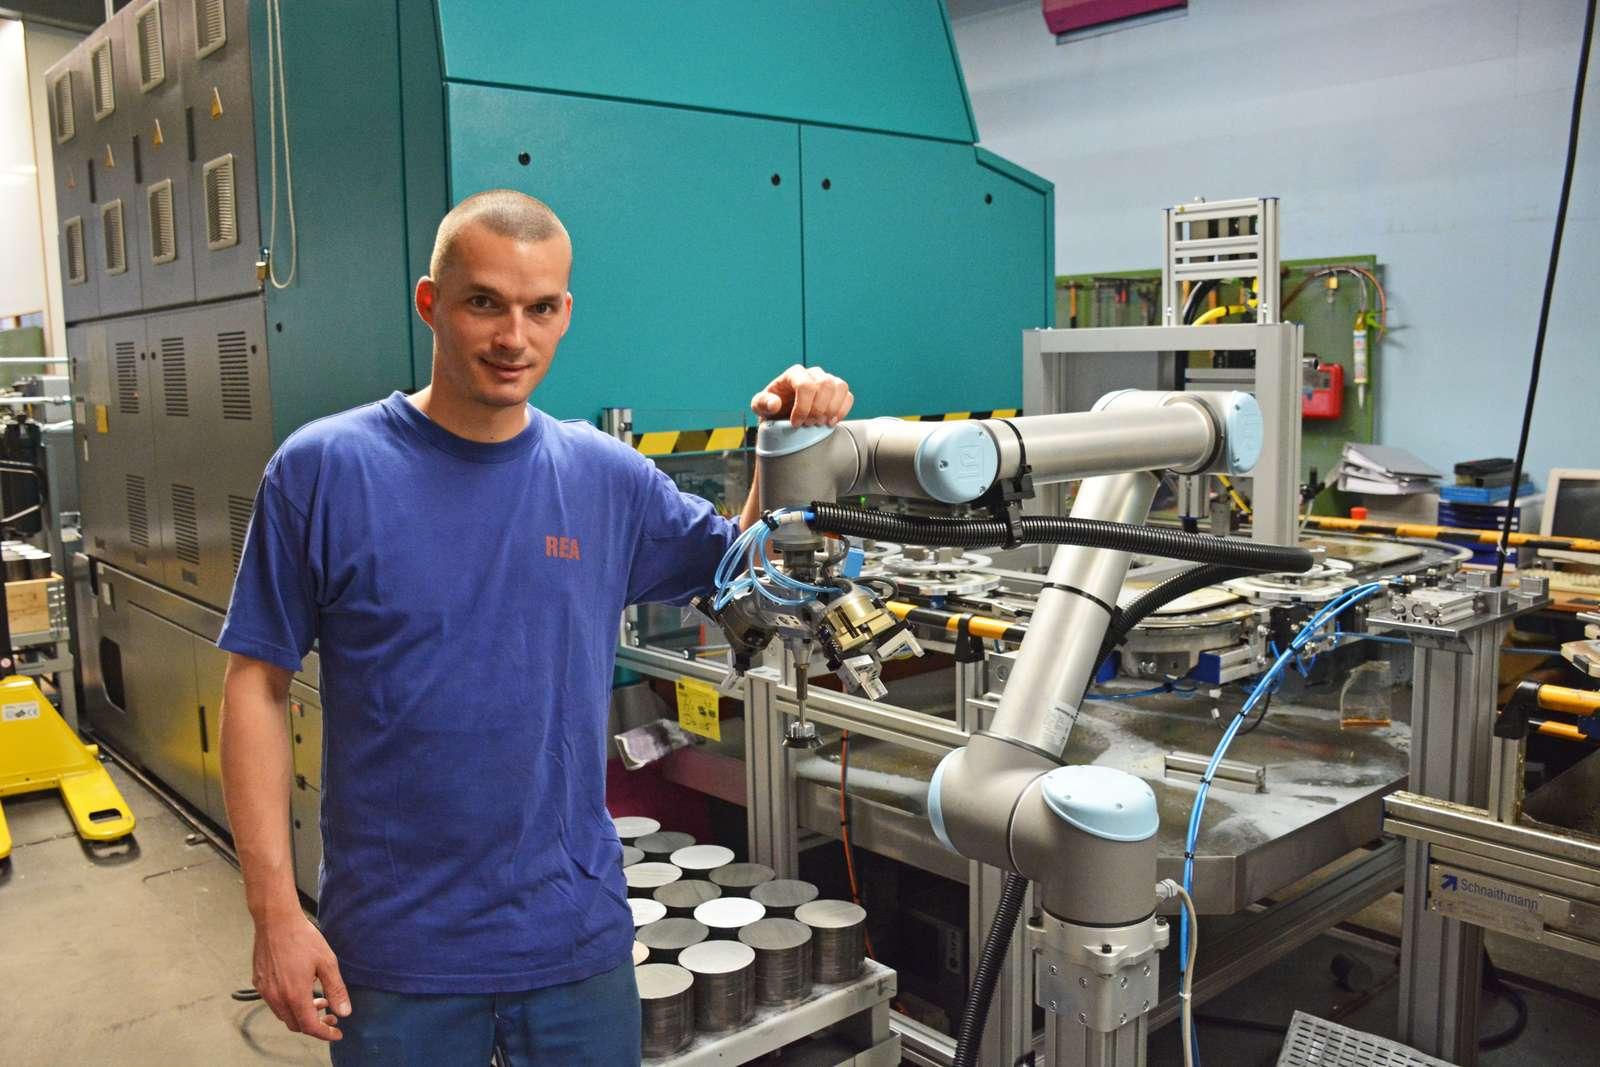 Cobot leas - personálny lízing robotov